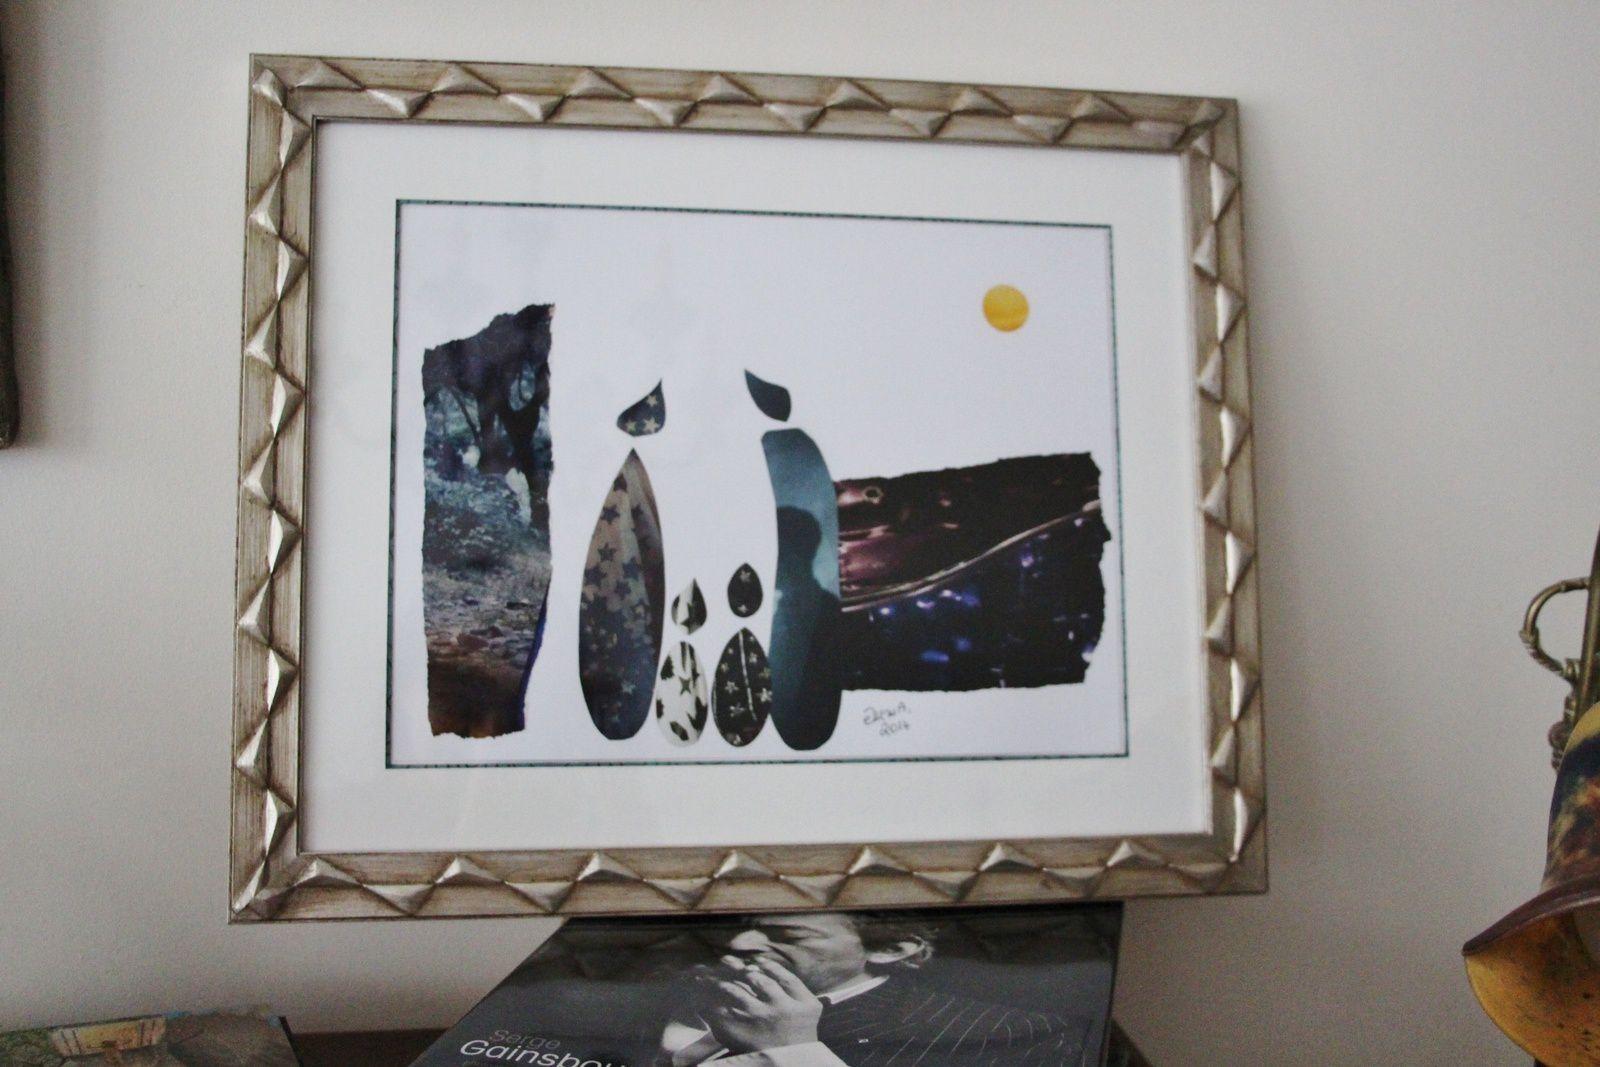 """Les Collages d'eMmA MessanA, collage encadré """"Pleine lune"""", pièce unique"""